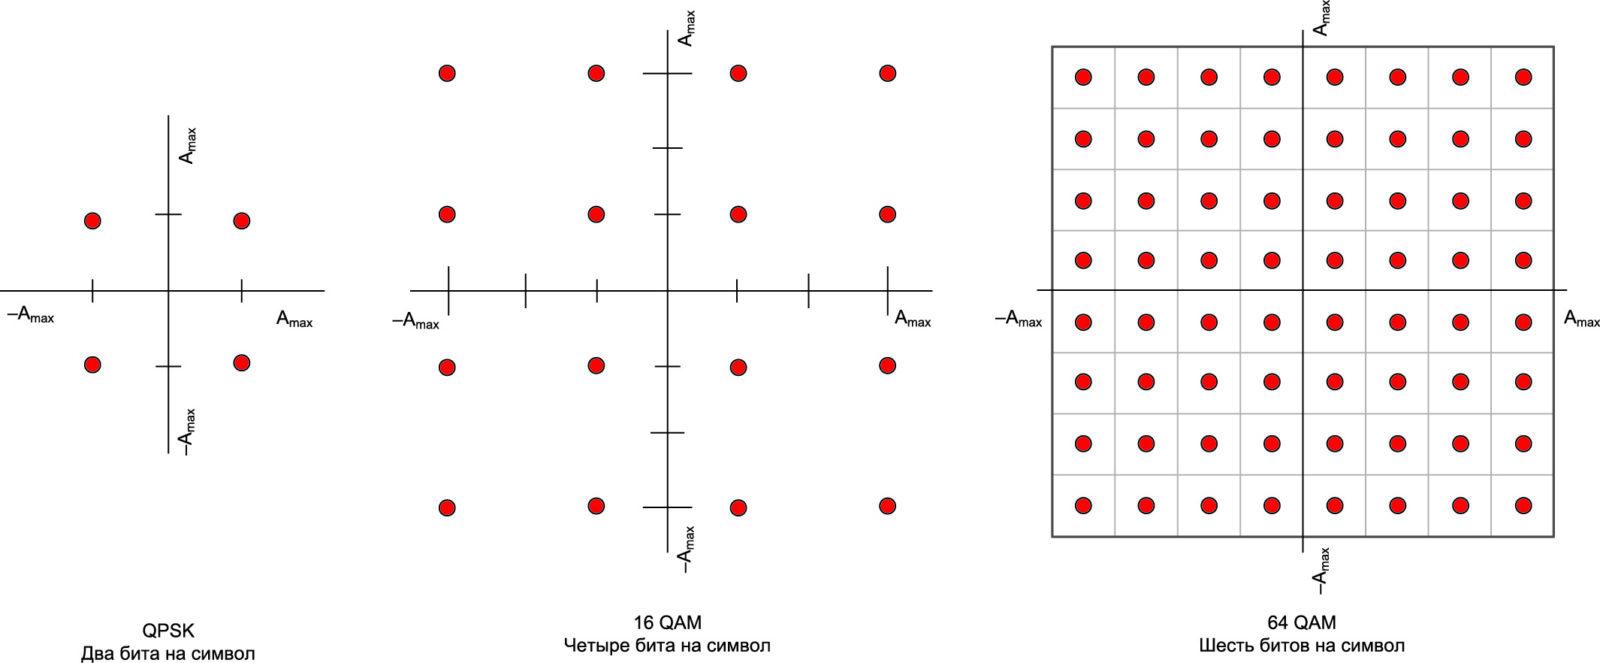 Примеры квадратурной модуляции